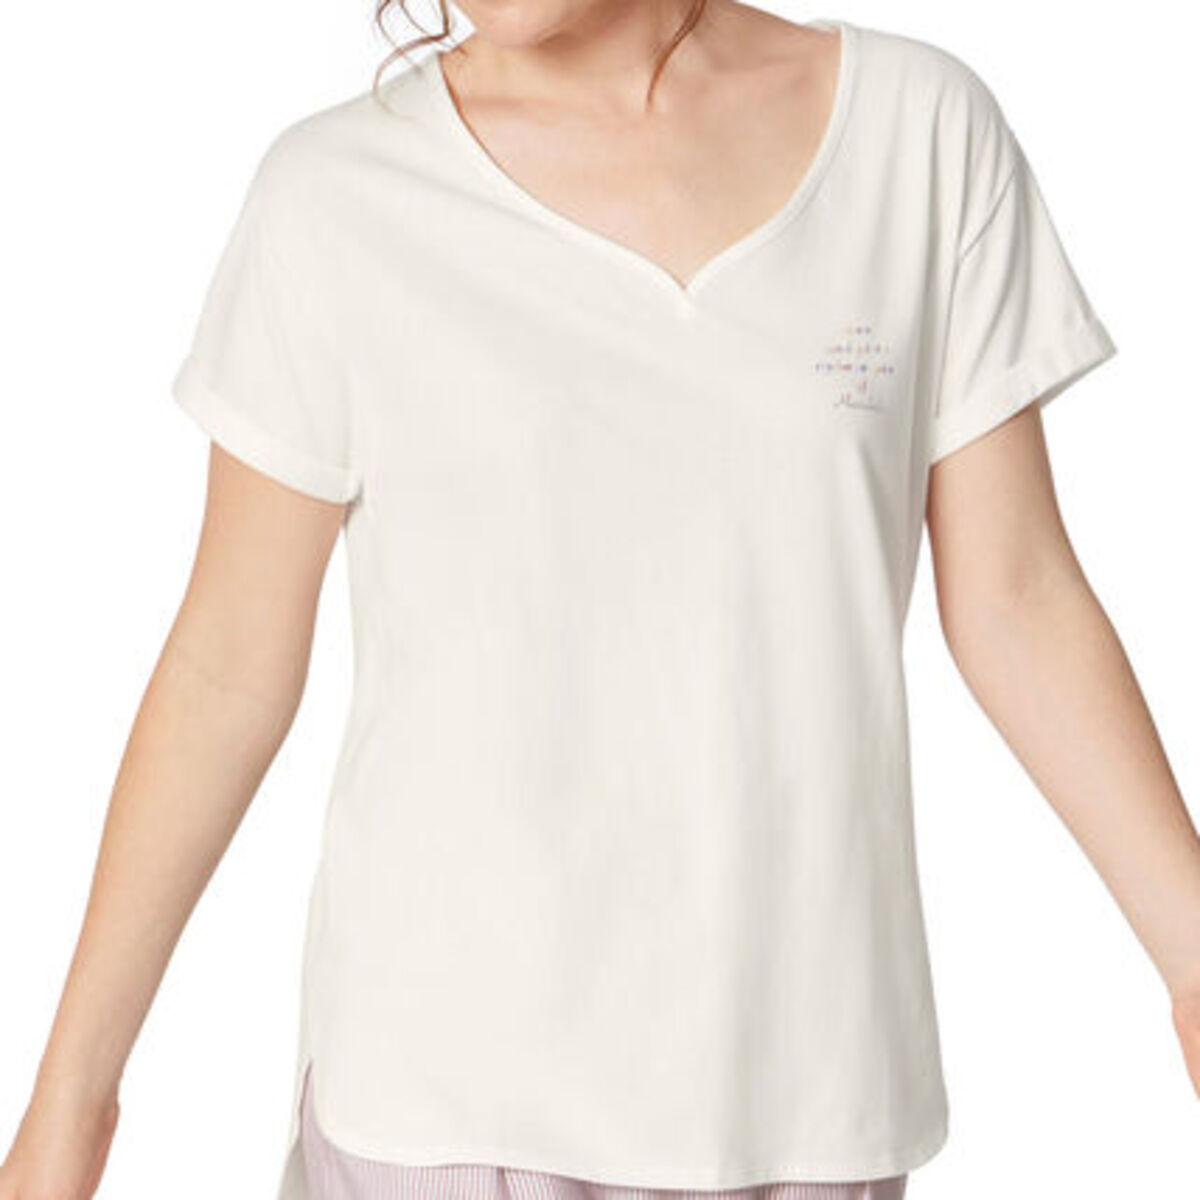 """Bild 1 von Triumph Shirt """"Mix & Match """", Herzausschnitt, Kurzarm, für Damen"""